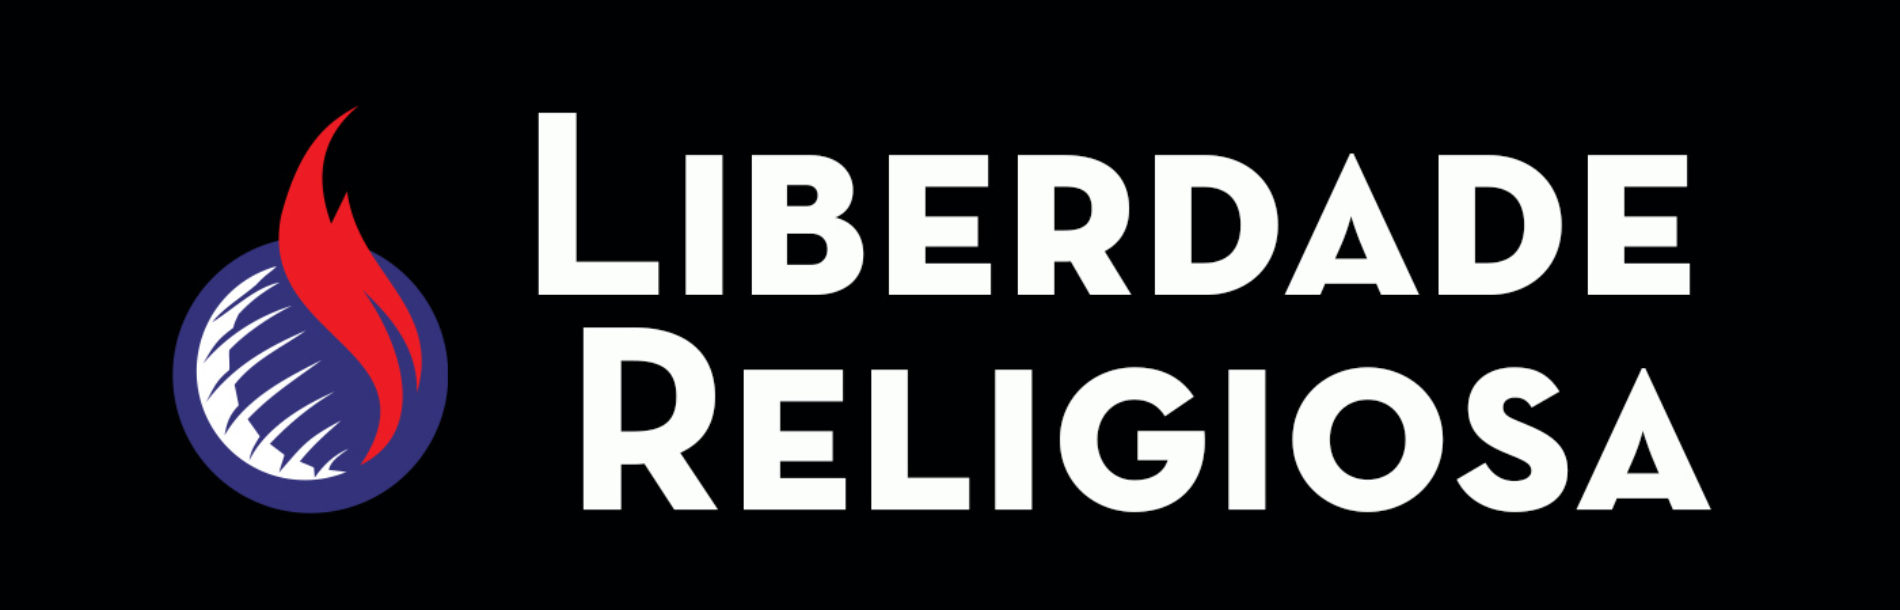 O que é Liberdade Religiosa?